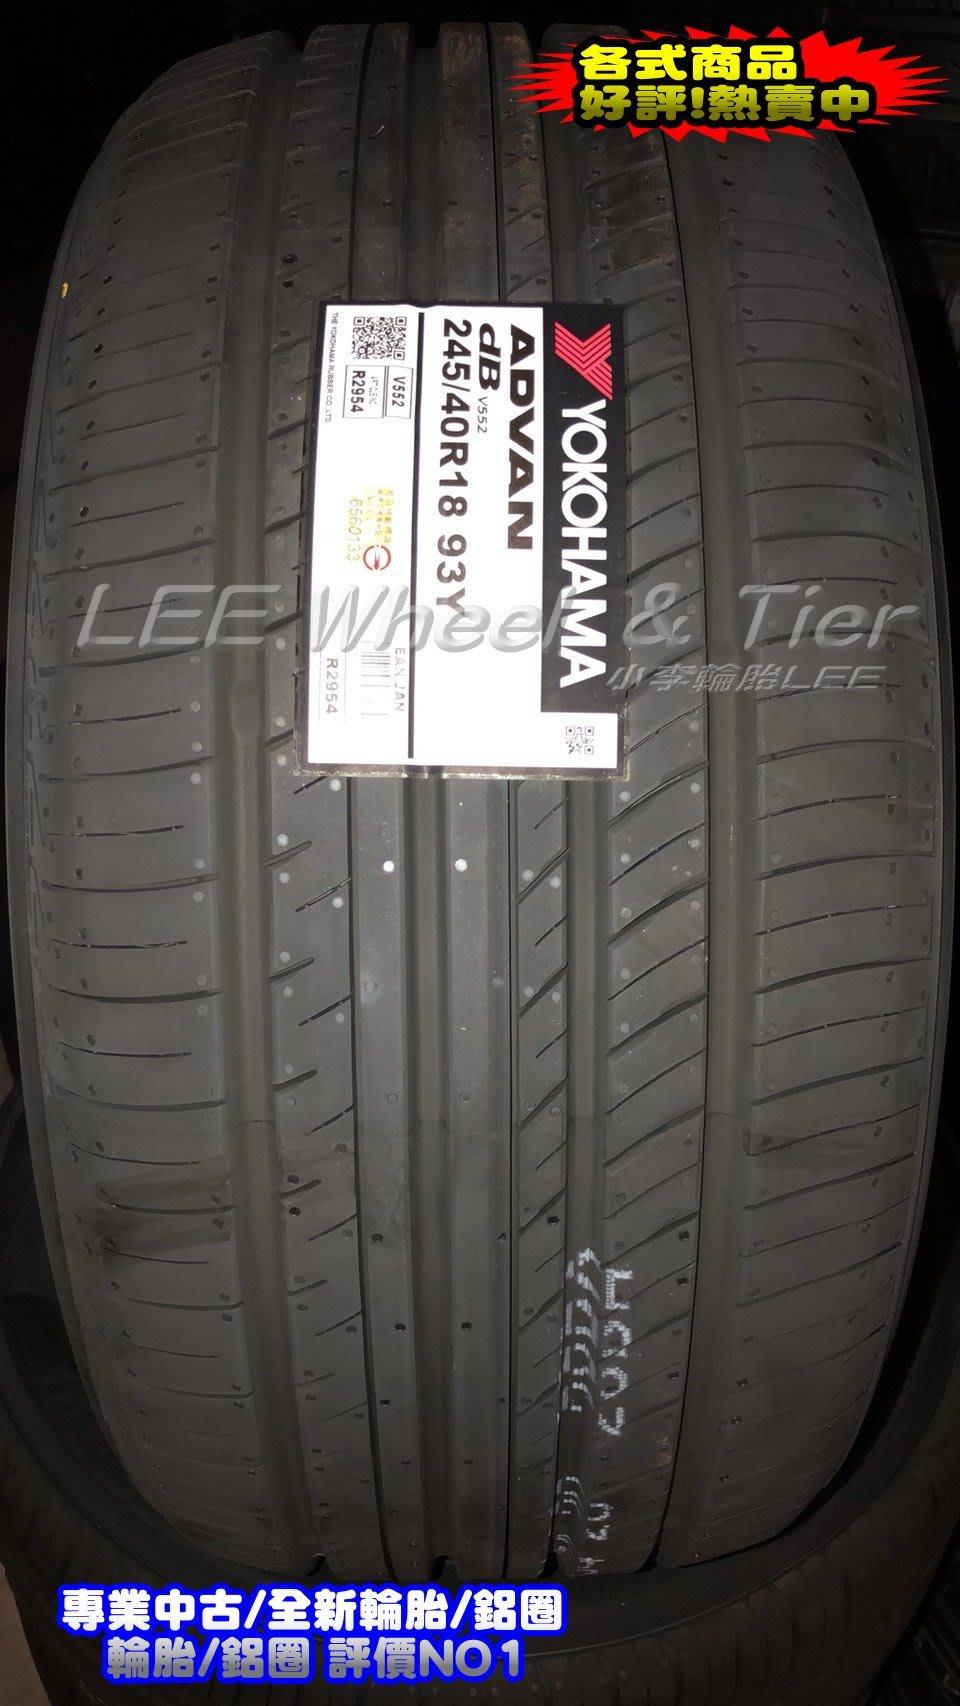 小李輪胎 YOKOHAMA 横濱 V552 205-50-16 高性能房車胎 高品質 高操控 全規格 特價 歡迎詢問